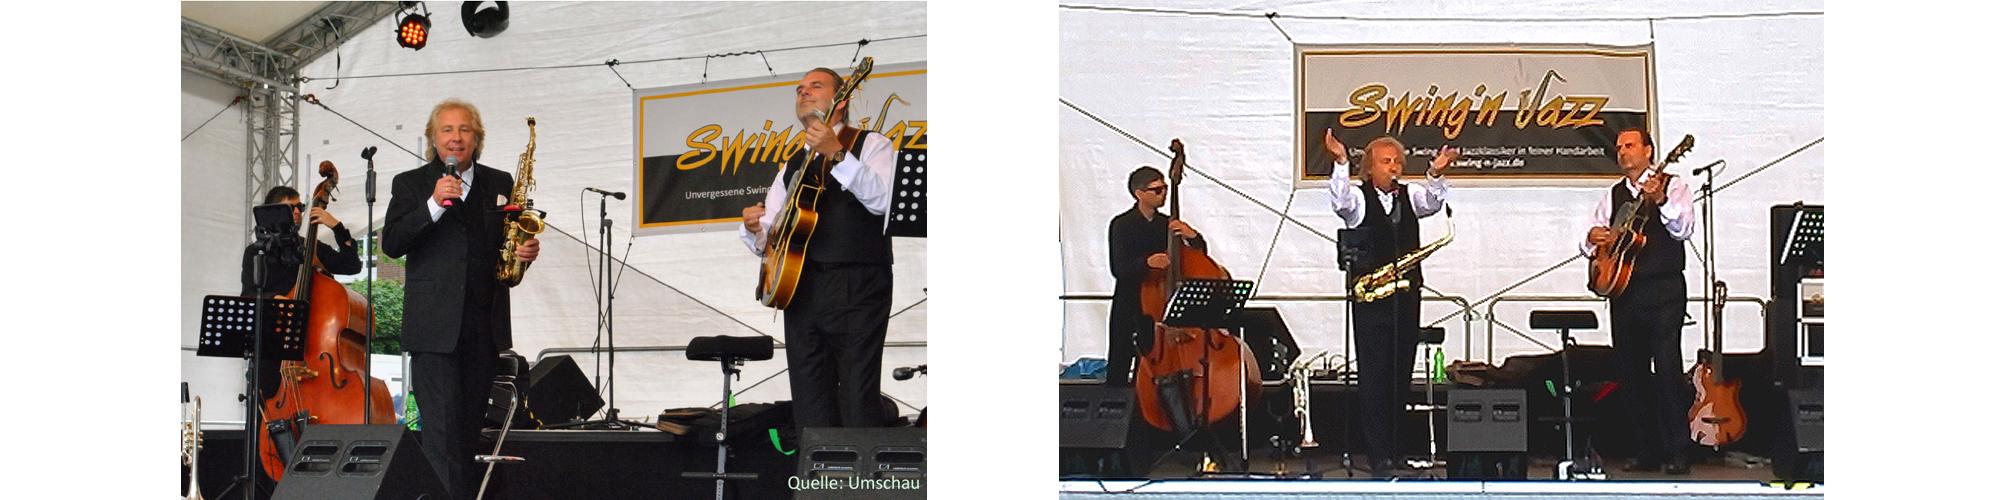 Peter Roland Swing-N-Jazz, Trio mit Gitarristund Bassist